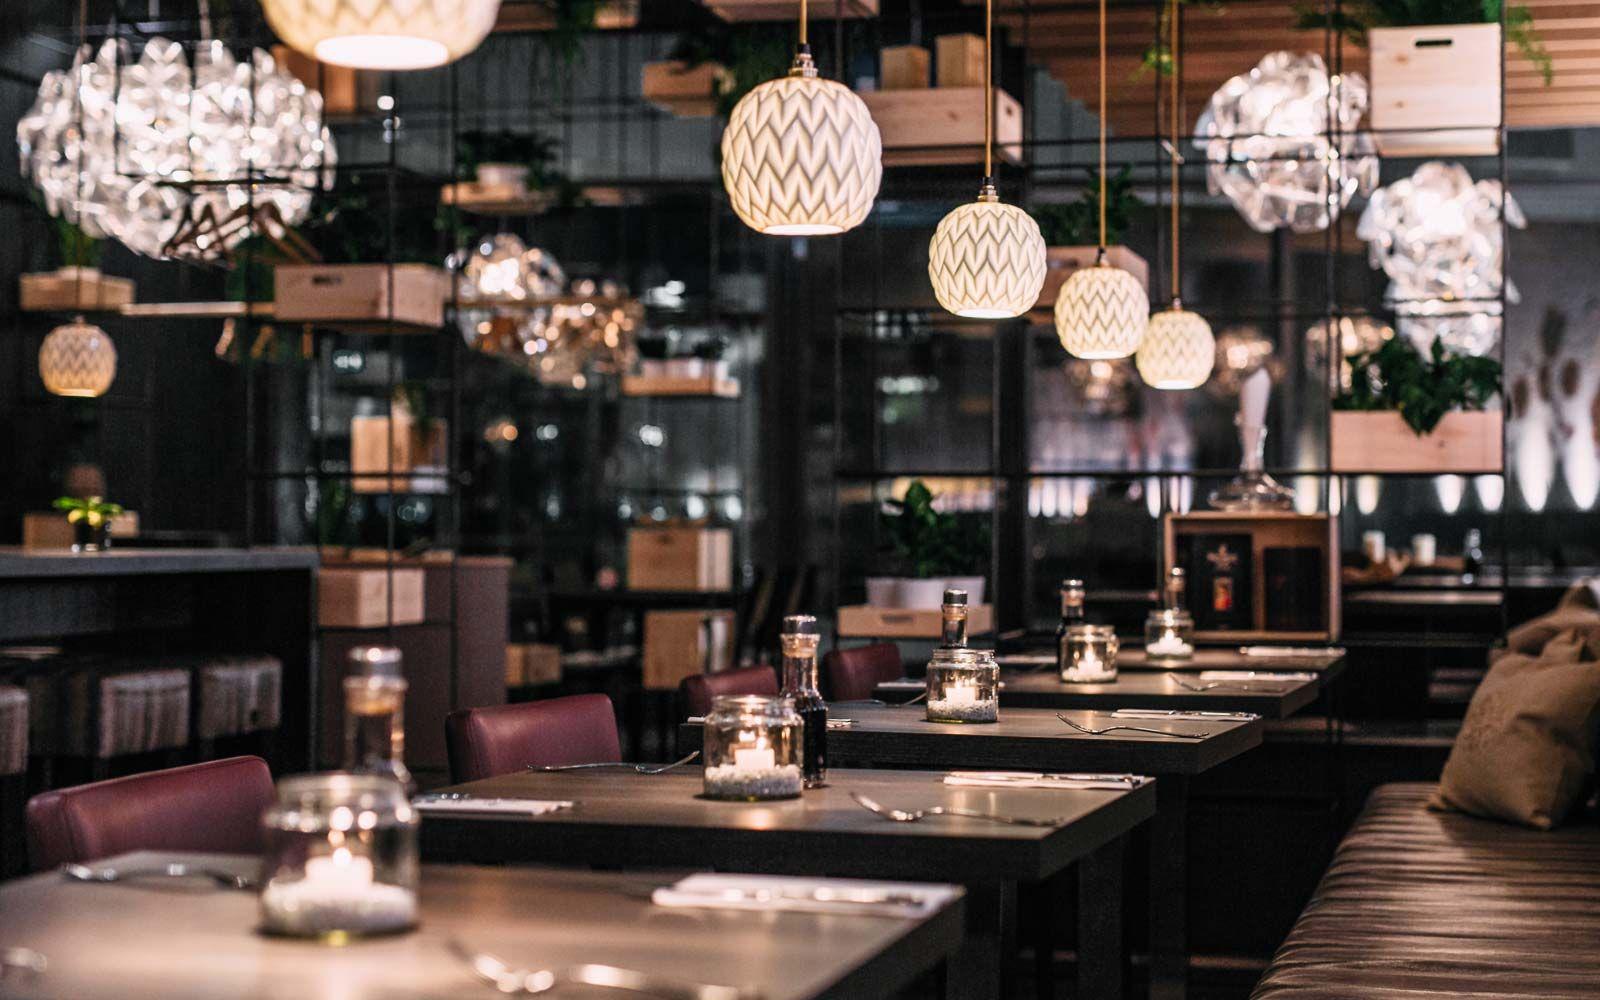 Mikoto Stuttgart Scho schee in Schtuggi Restaurant